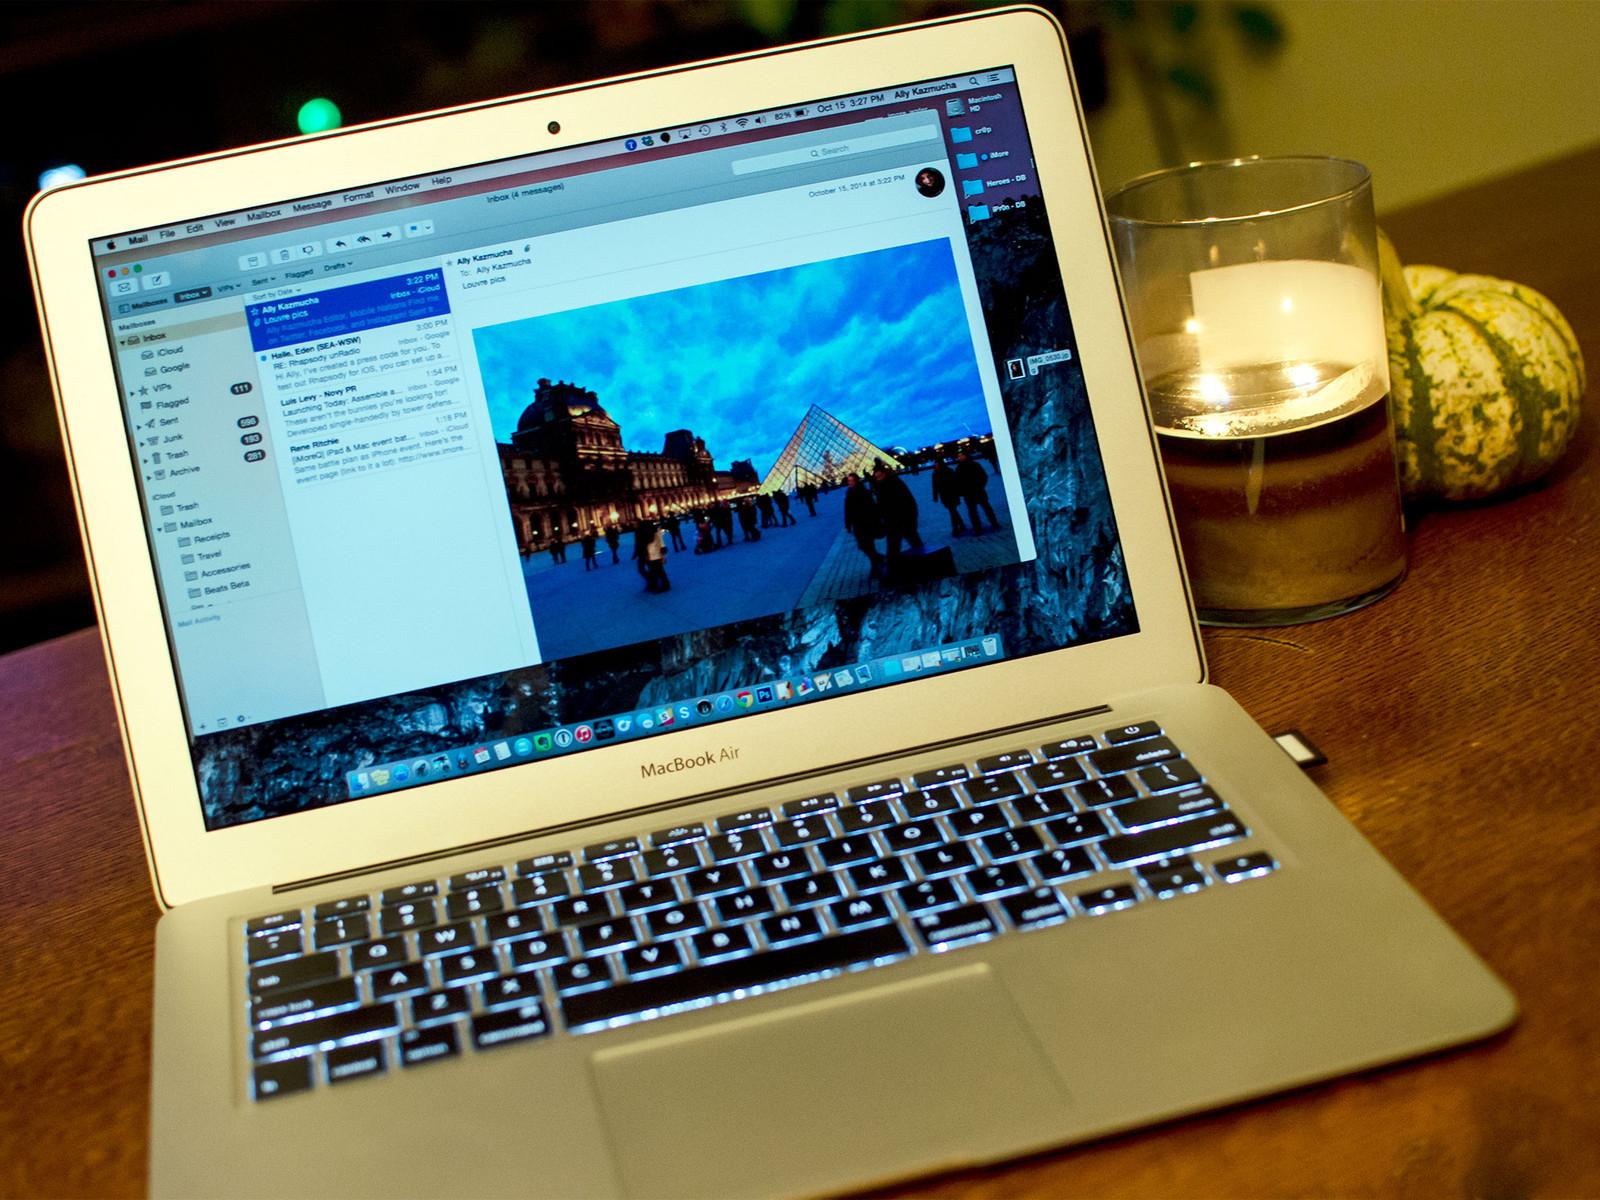 Как делать пометки на изображениях в Mail в OS X Yosemite